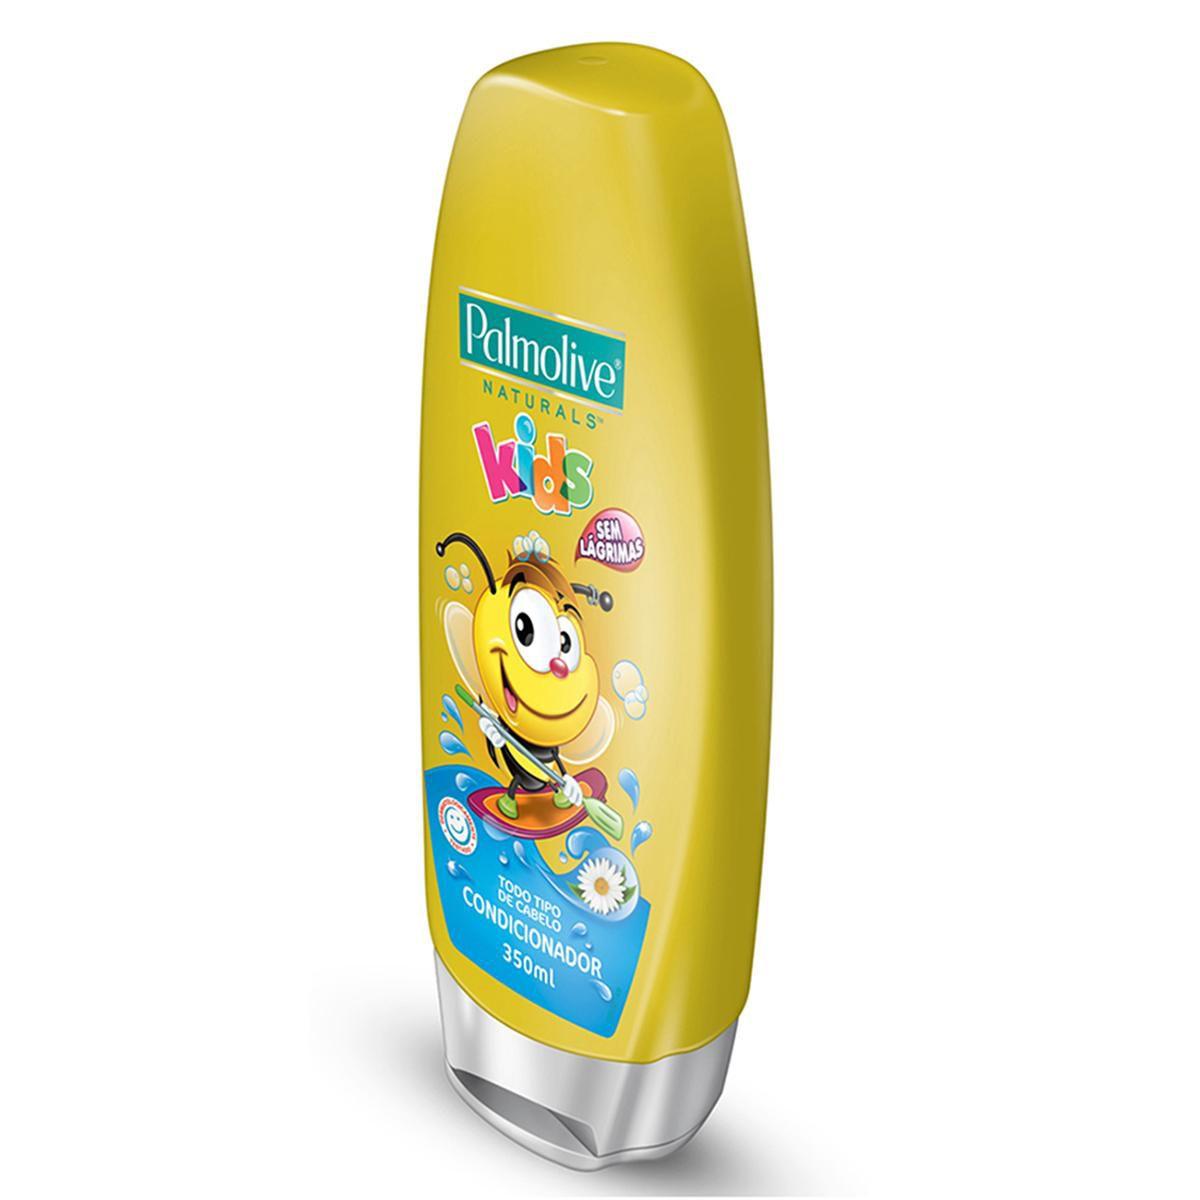 951d9b31b Condicionador Palmolive Naturals Kids Com 350ml - Farmacias Pague Menos